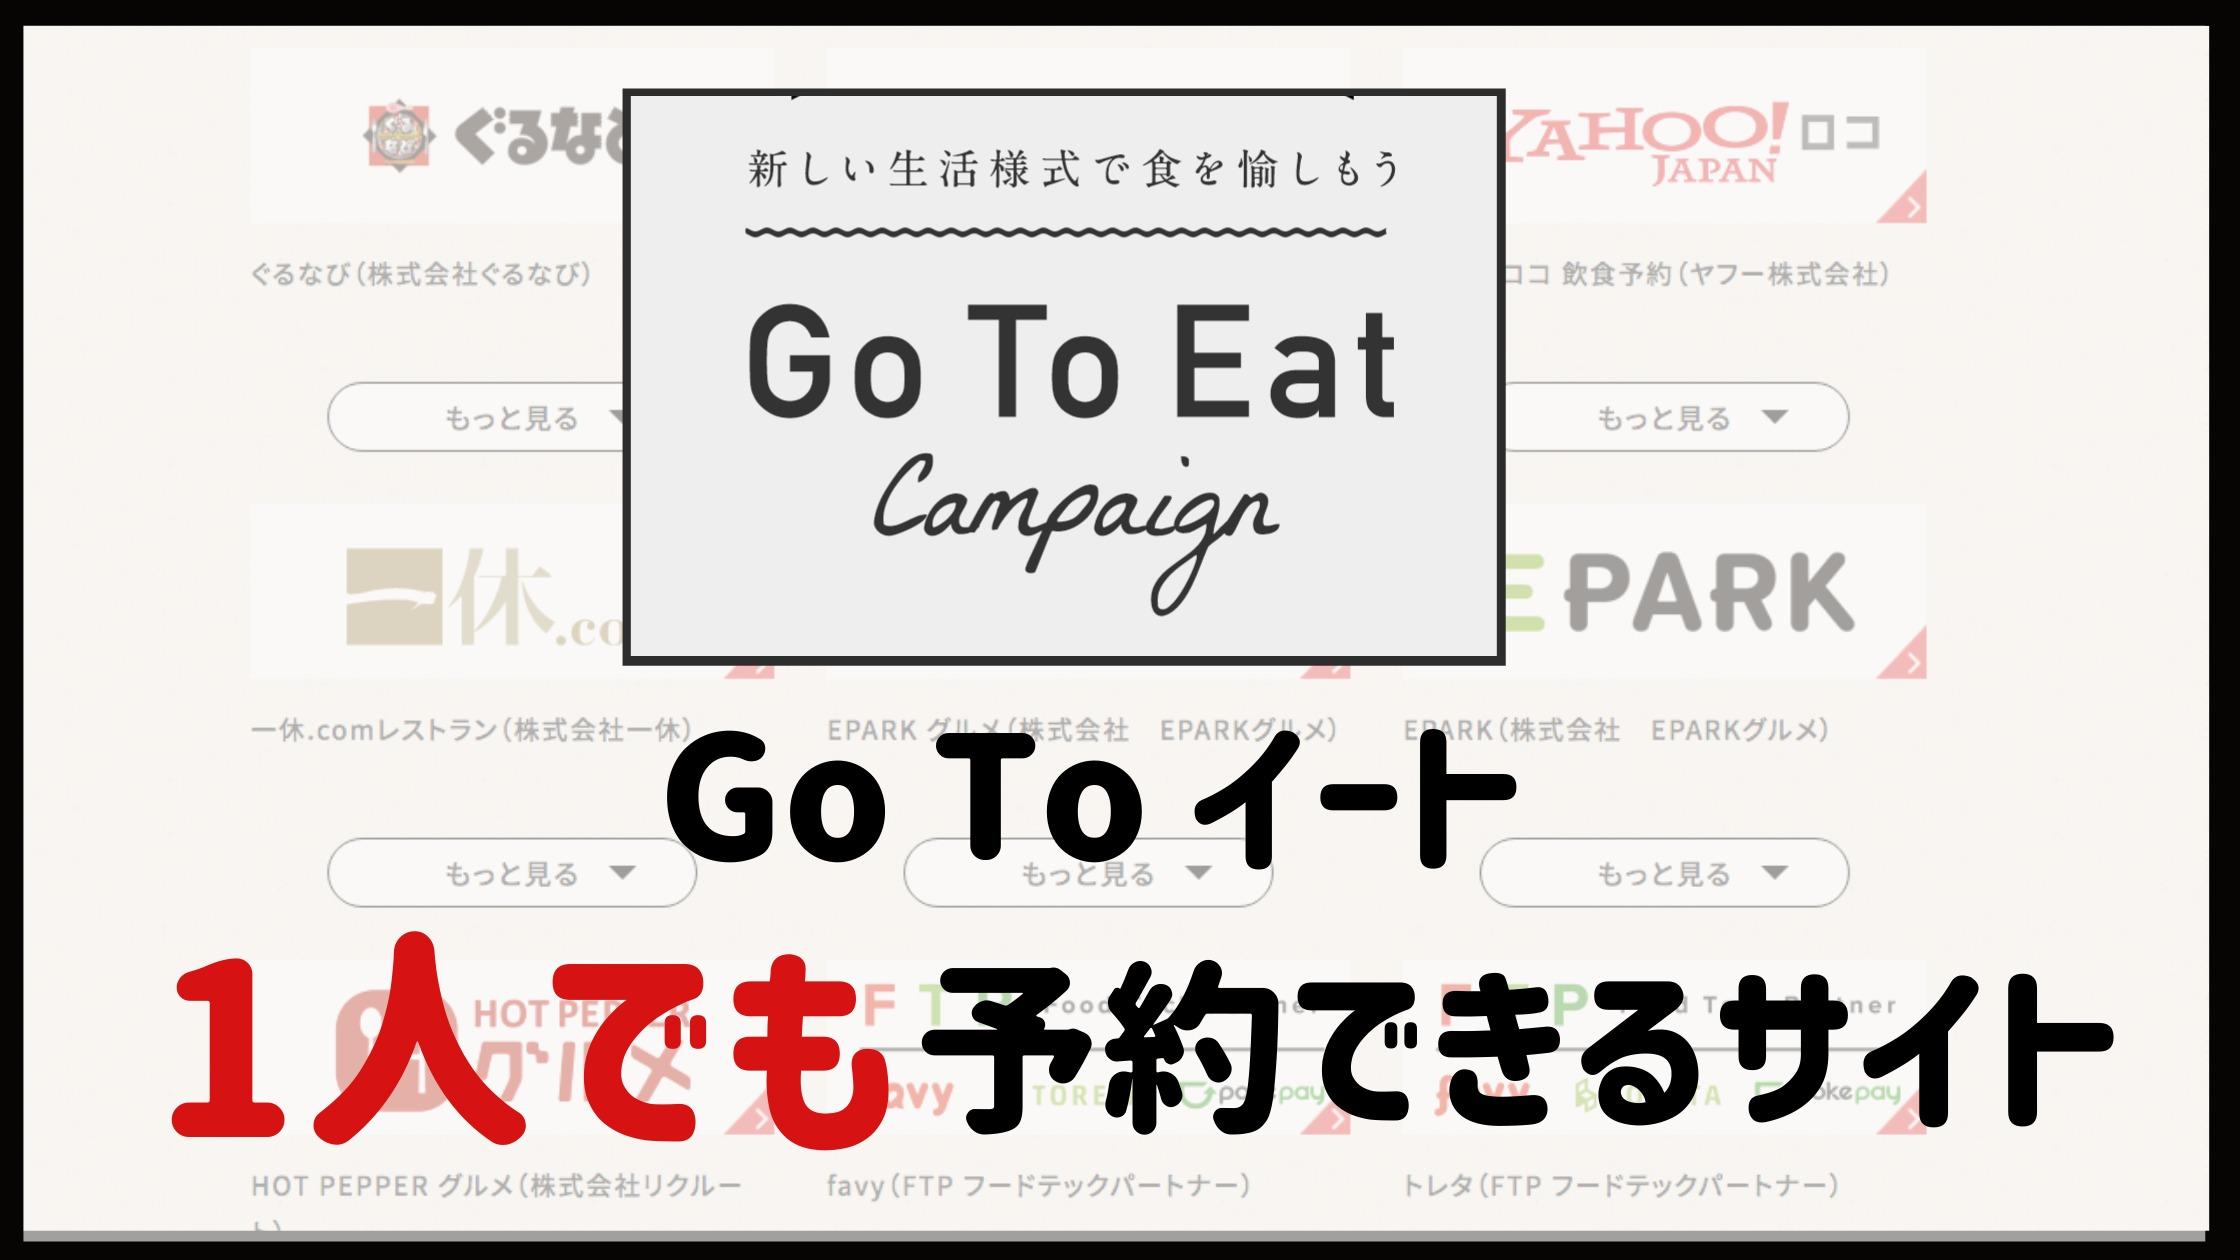 gotoeat オンライン予約 アイキャッチ